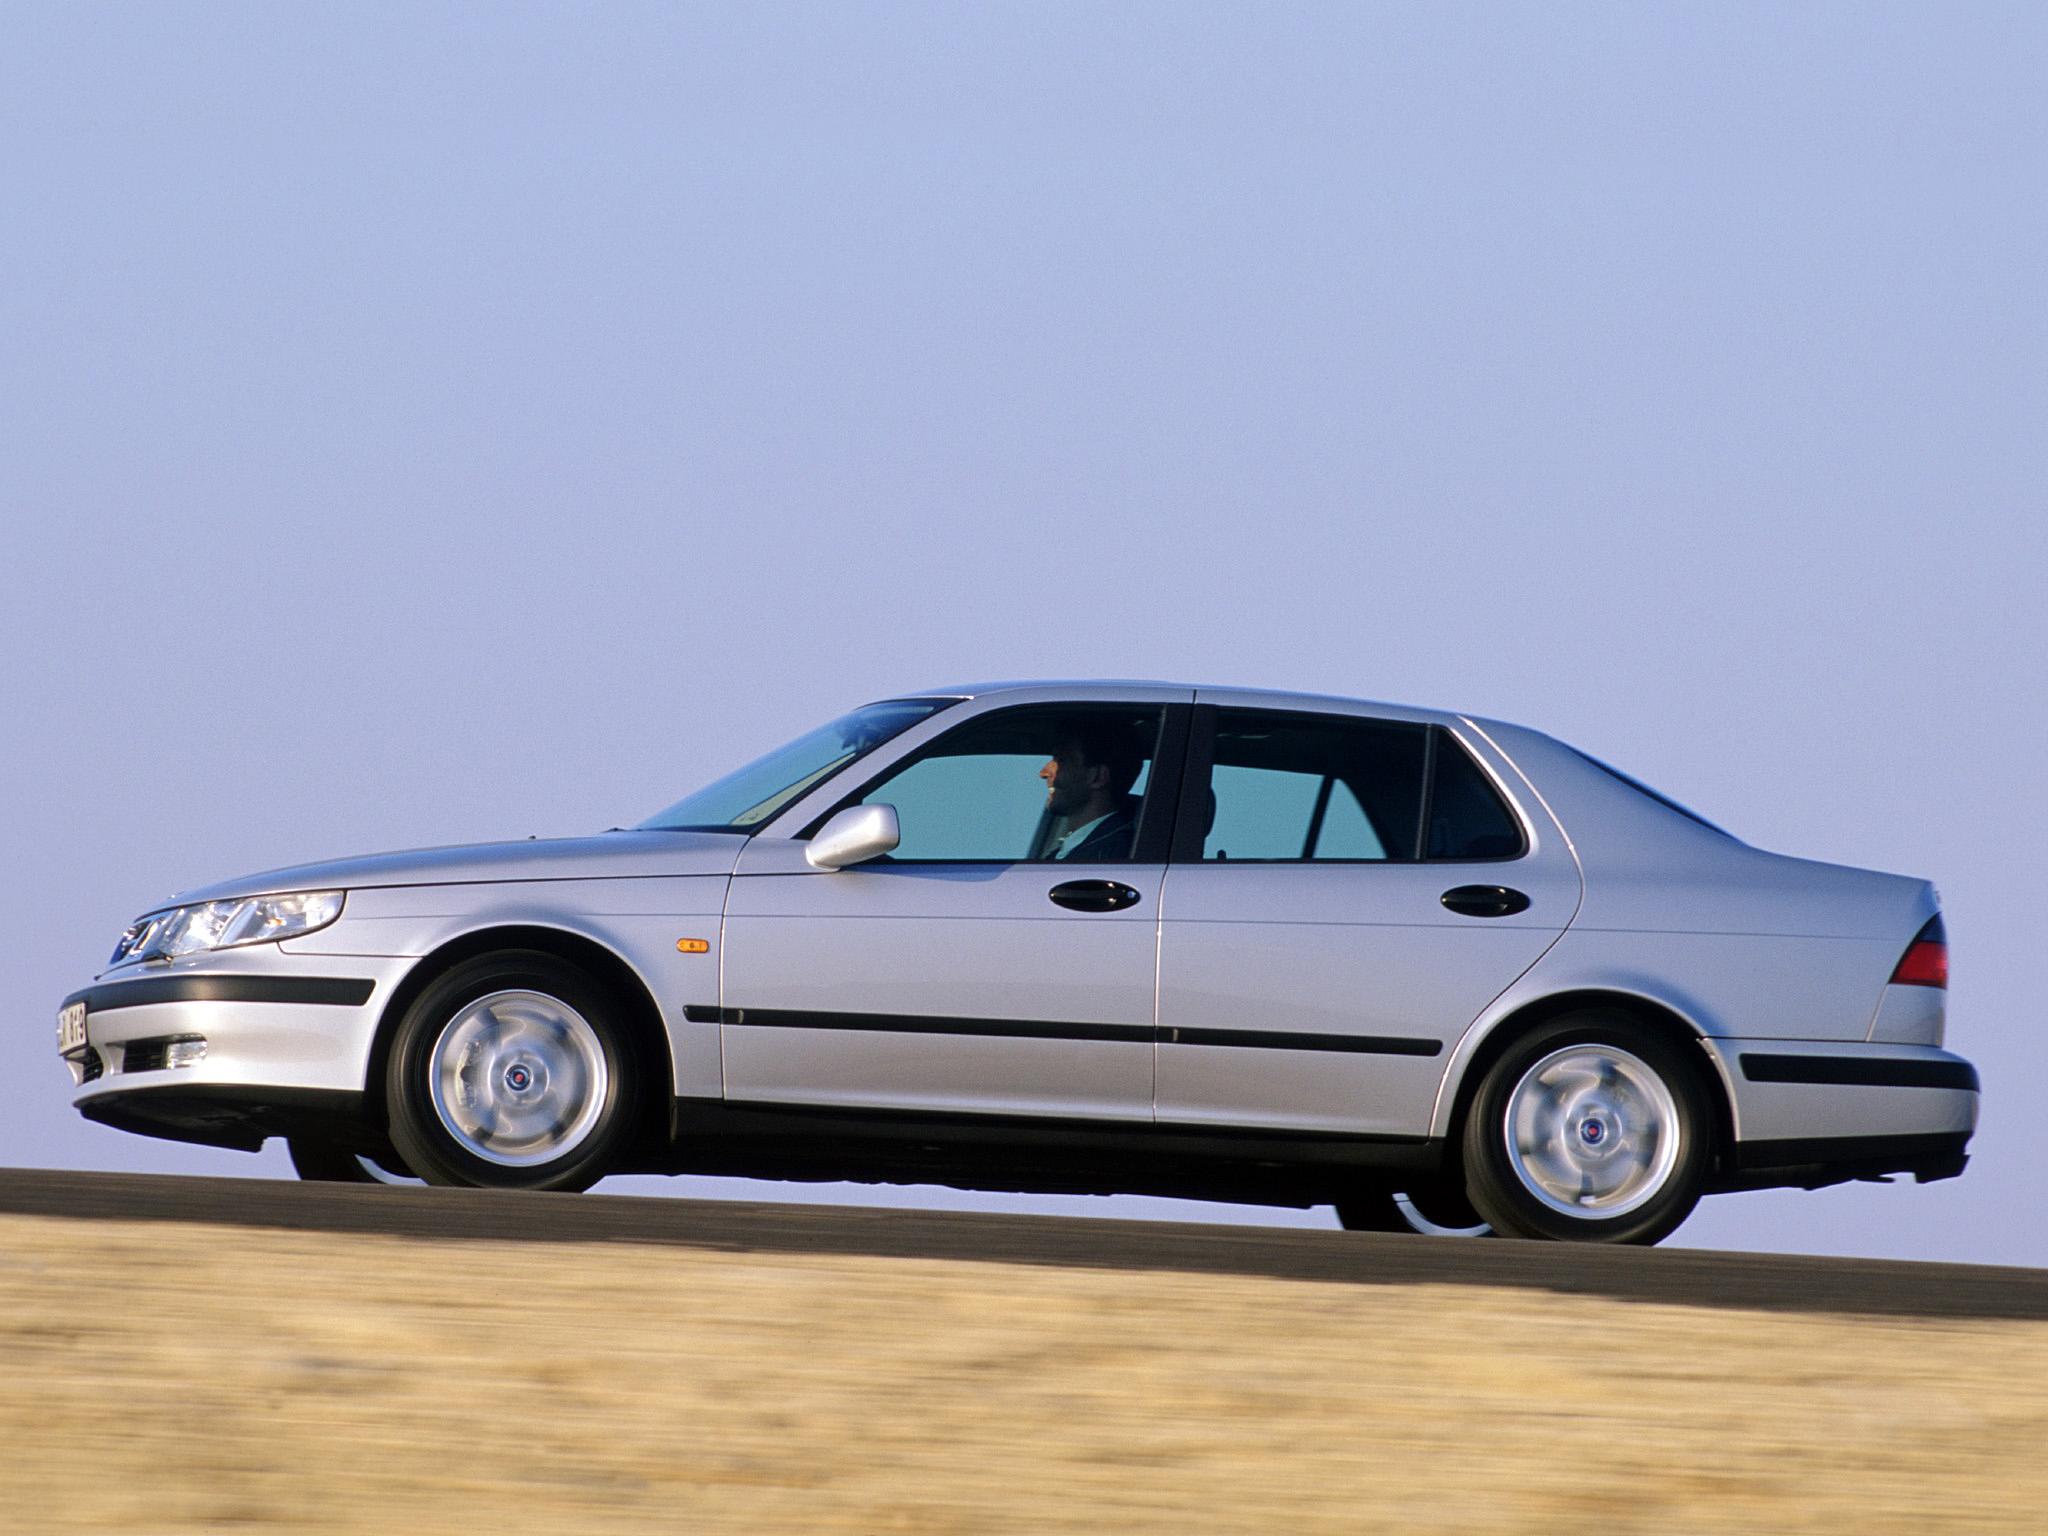 Nya 9-5, en betydligt snyggare, bekvämare och mer välbyggd bil än gamla 9000.